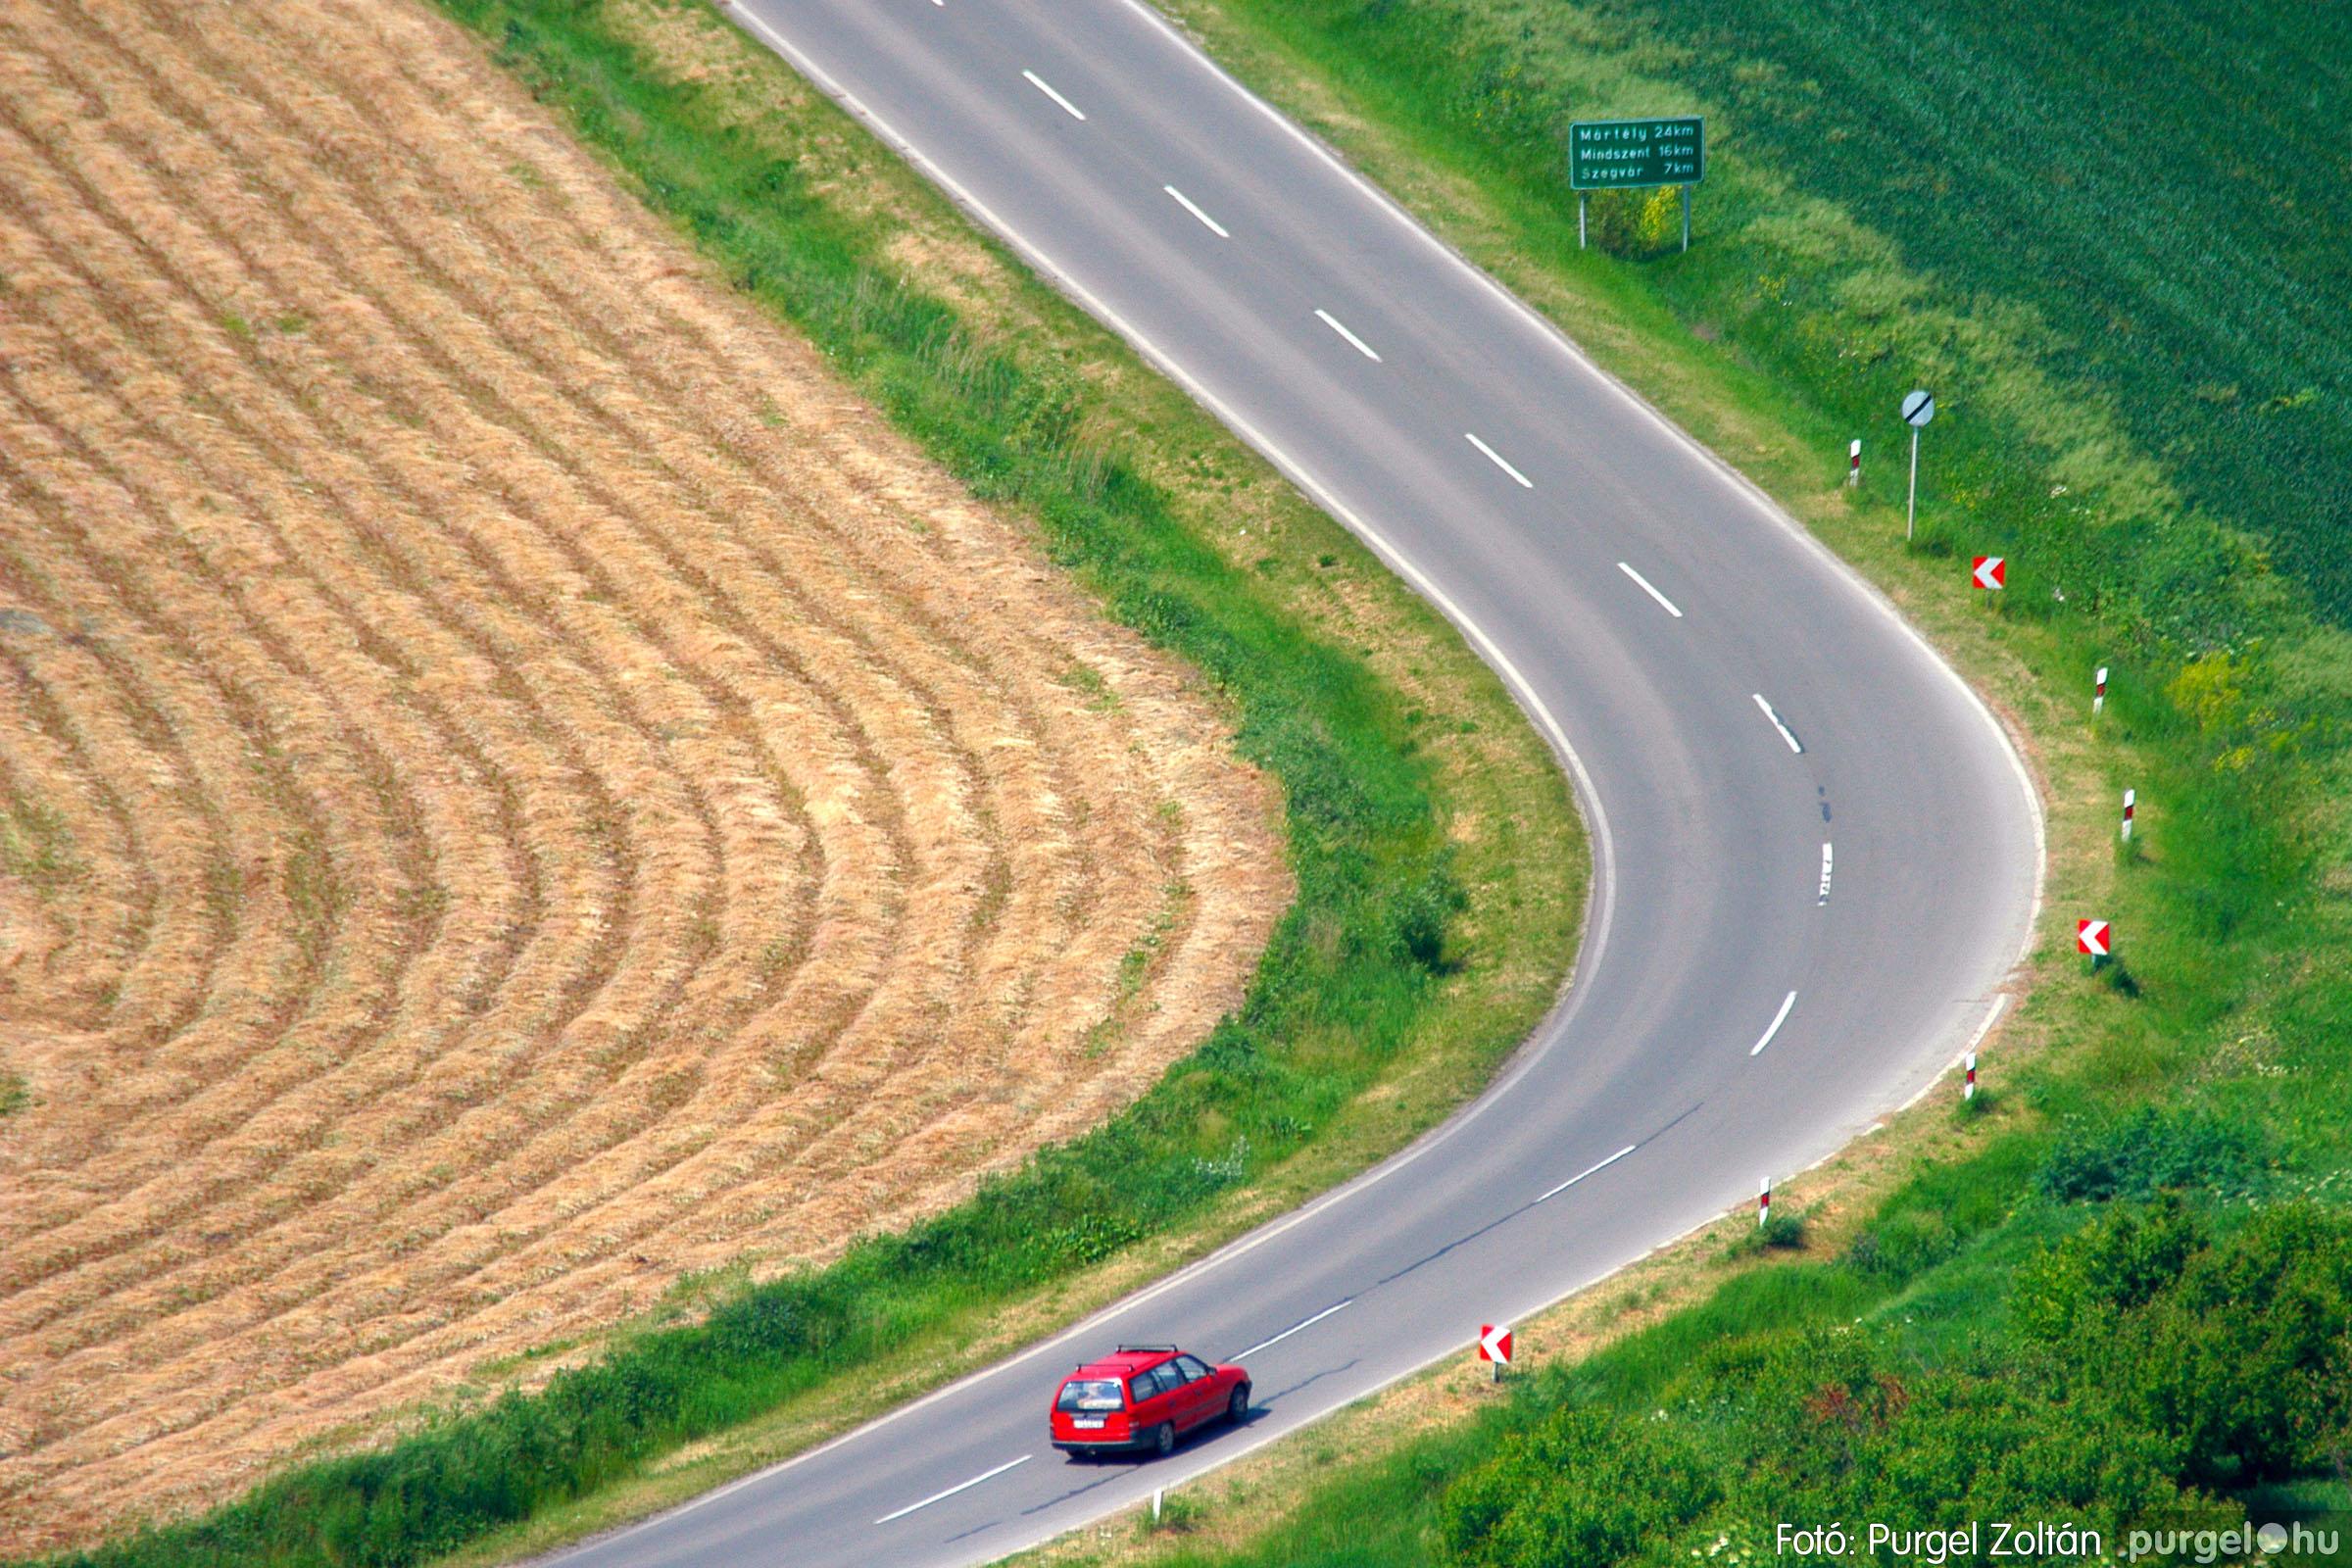 031 Örök pillanatok fotókiállításom képei - Kanyar · Steep curve - Fotó:PURGEL ZOLTÁN©.jpg